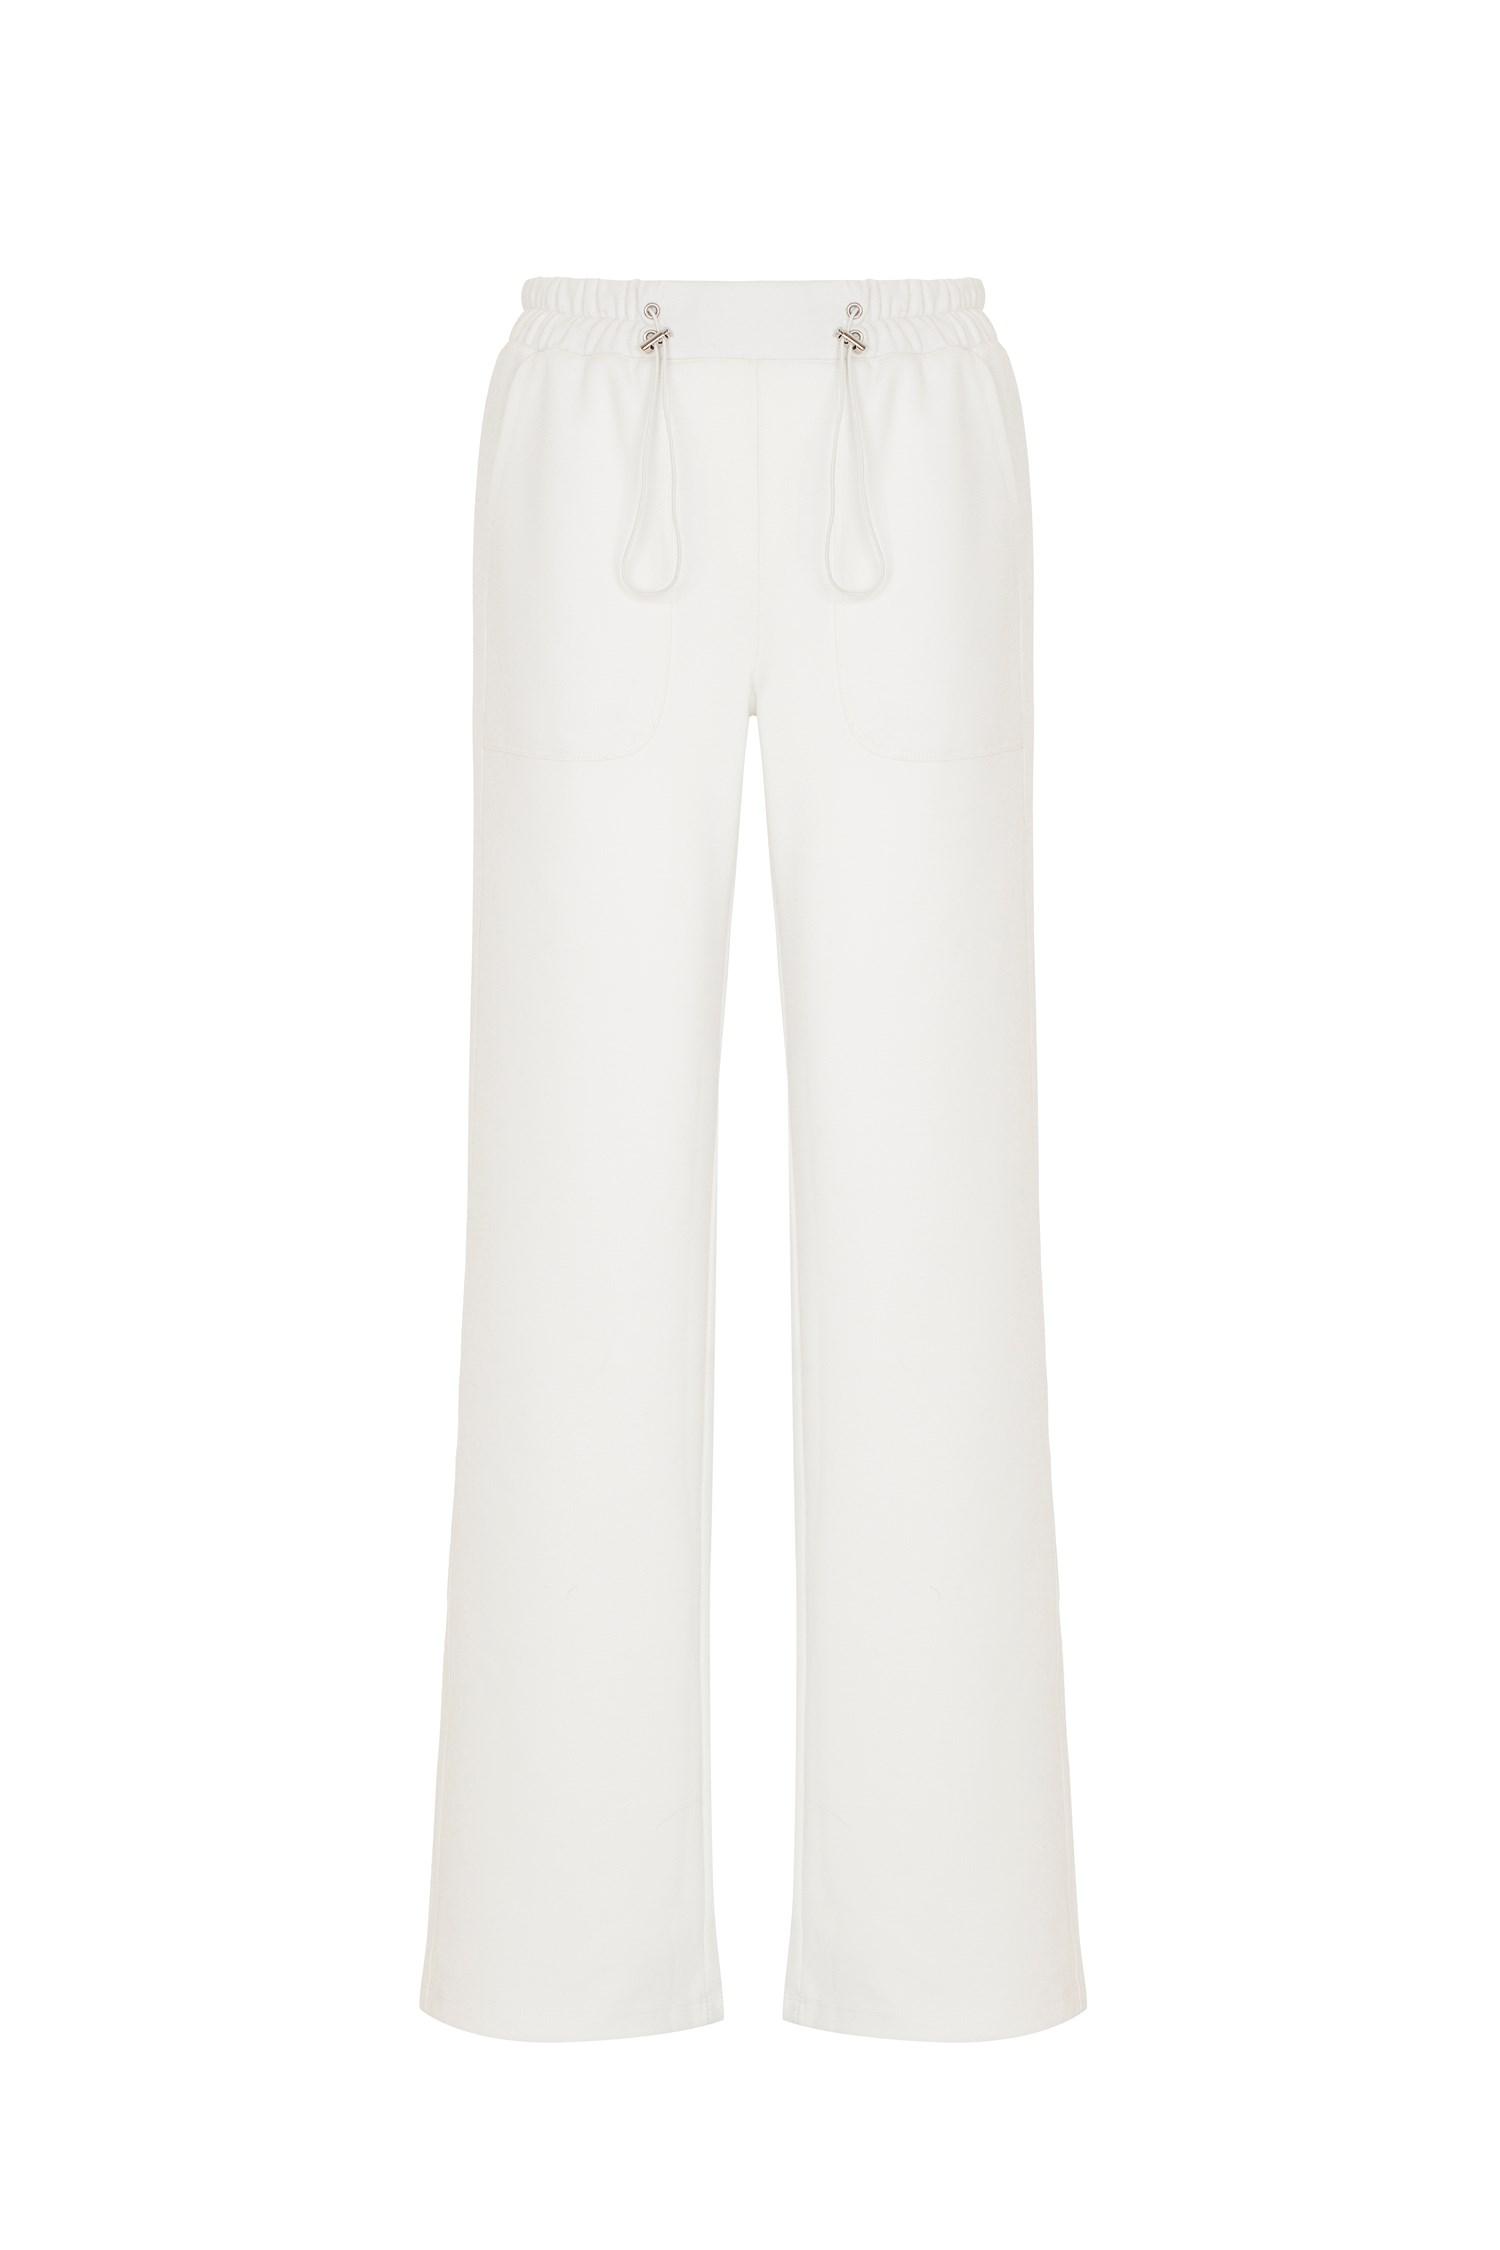 Bayan Krem Bağcıklı Yüksek Bel Pantolon